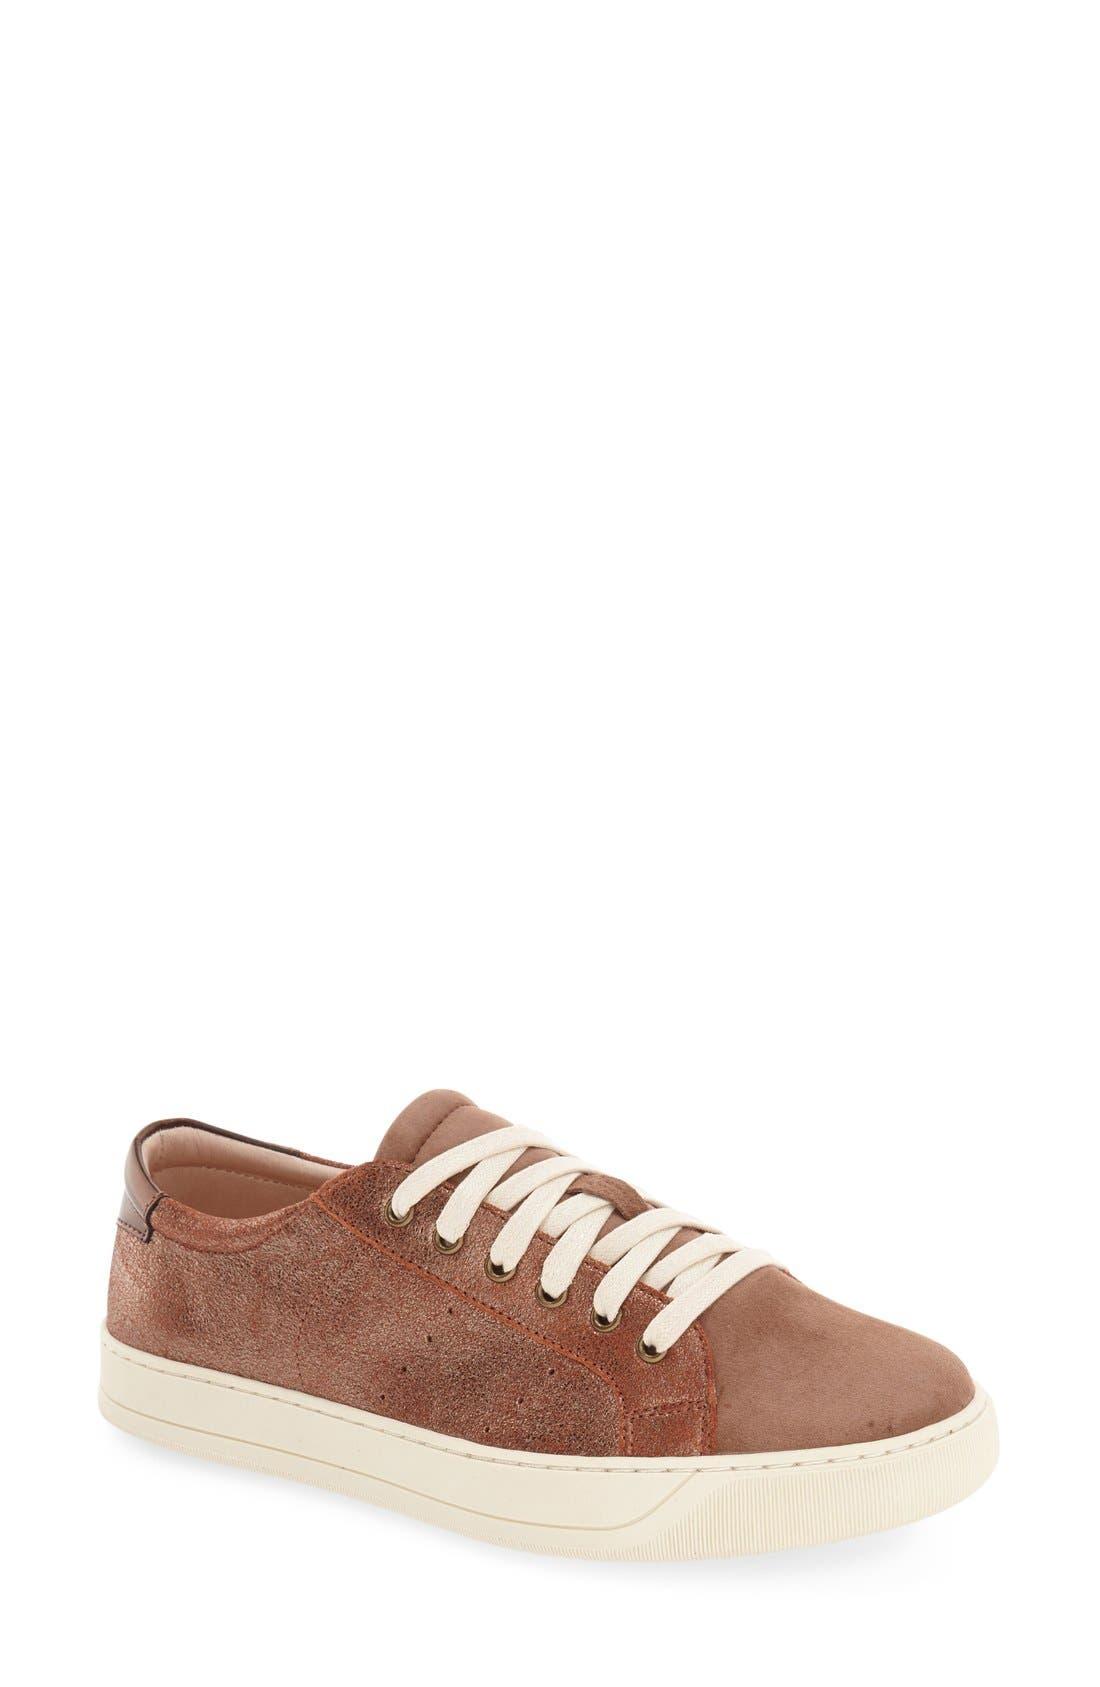 Johnston \u0026 Murphy | Emerson Sneaker